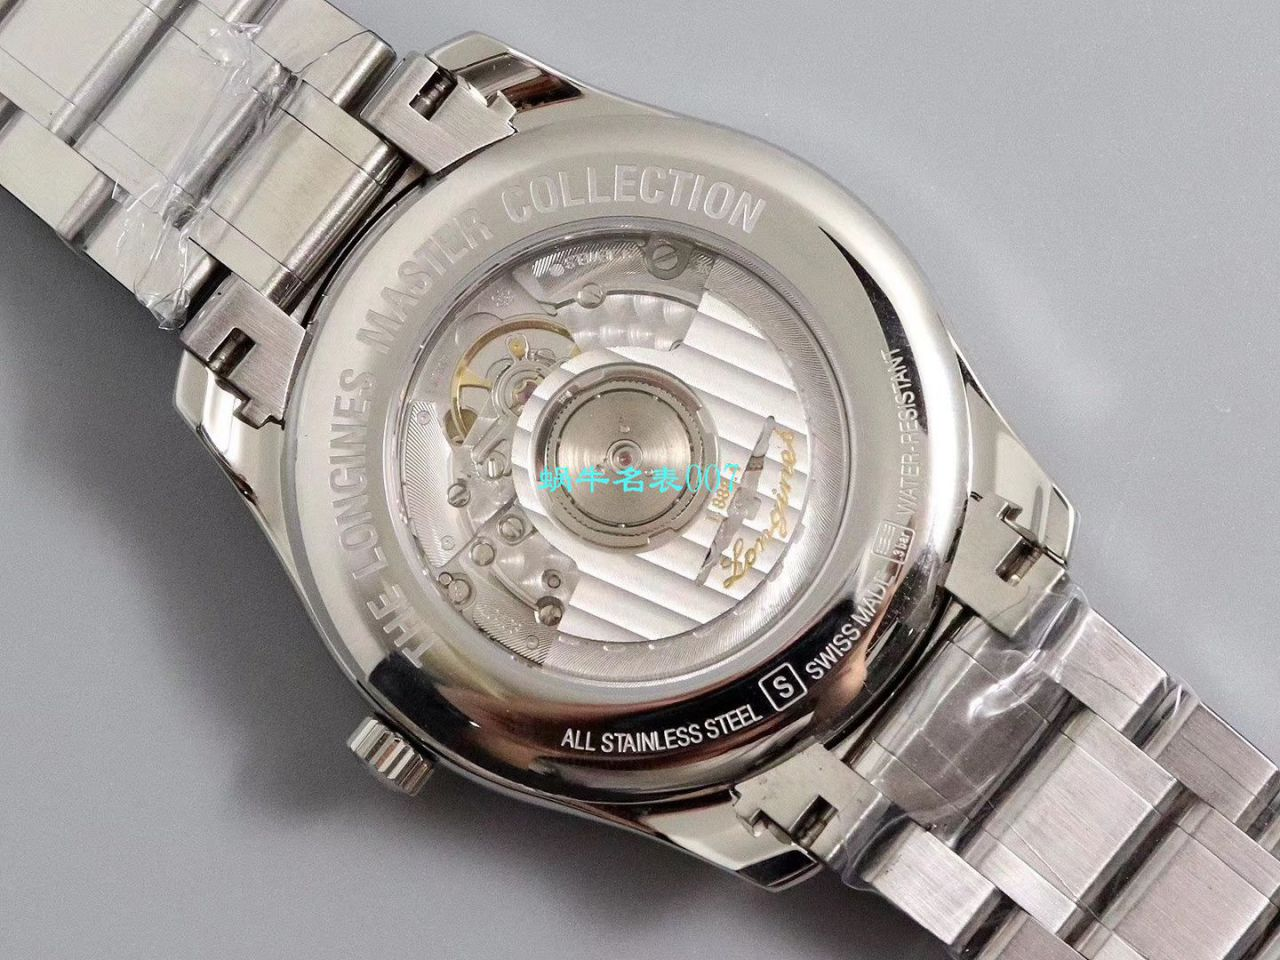 【V9厂顶级复刻手表】浪琴名匠系列L2.793.4.71.6,L2.793.4.57.6等多色单历腕表 / L113